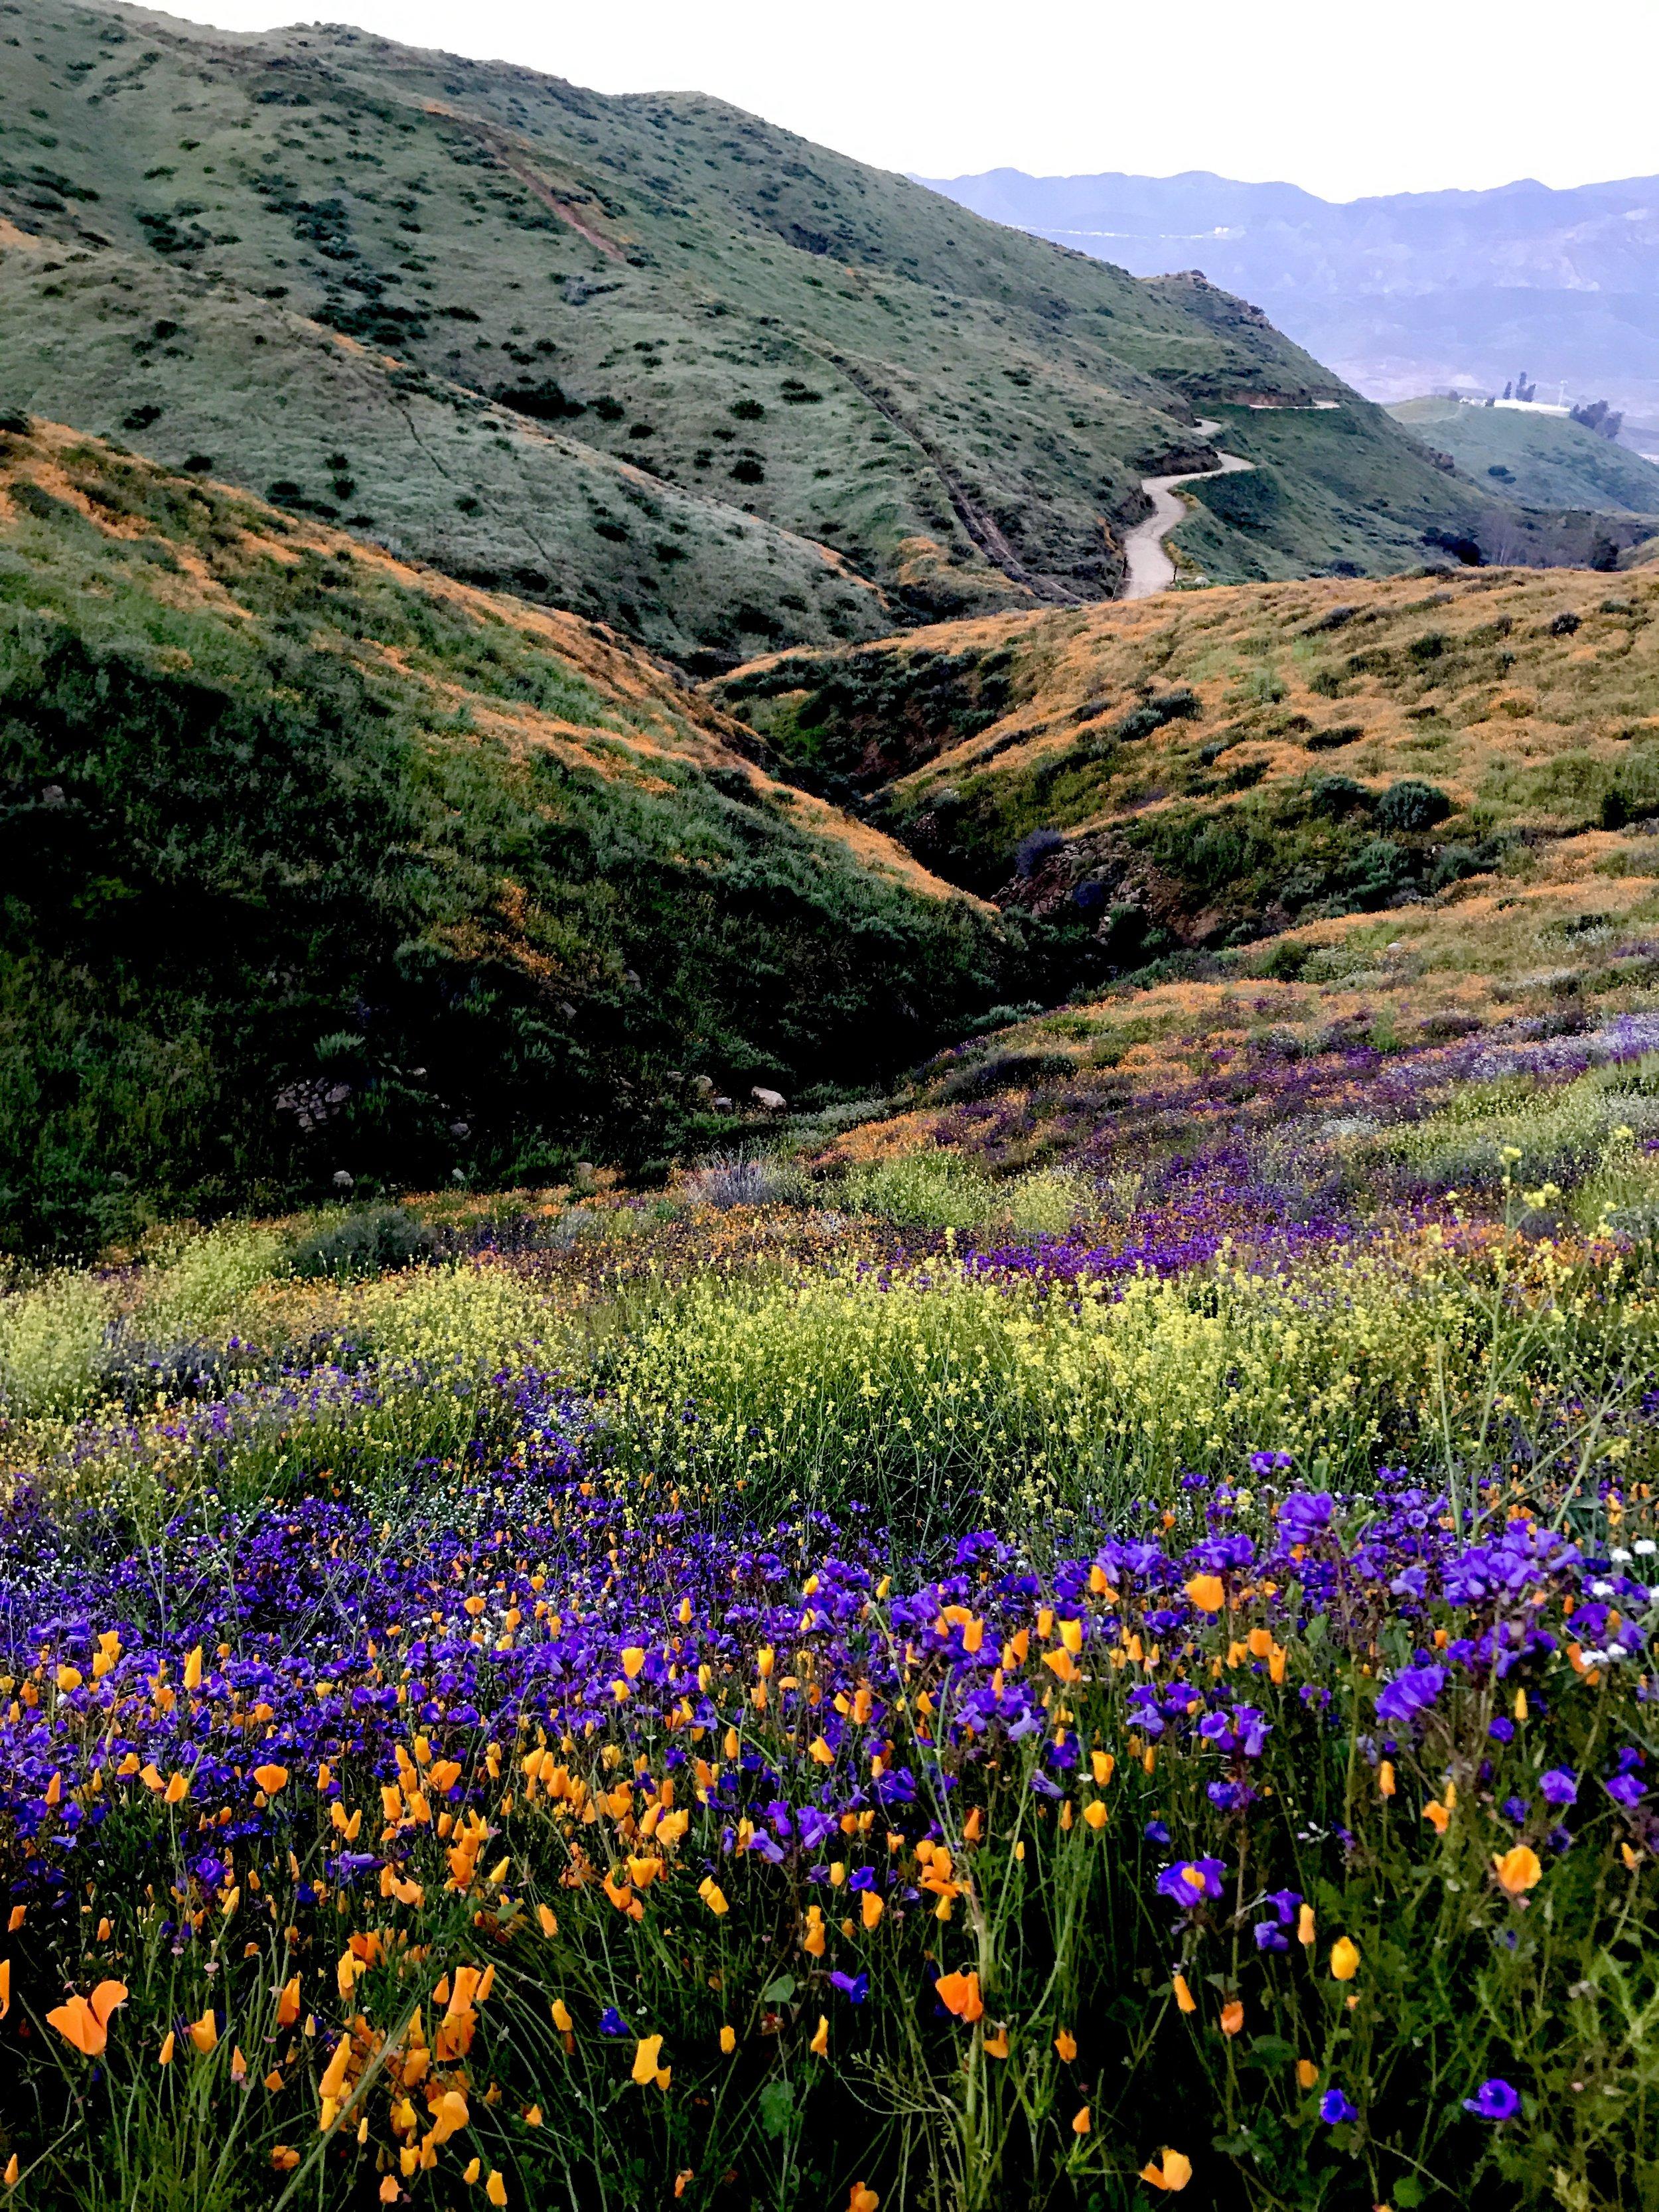 Flowers bloom in California